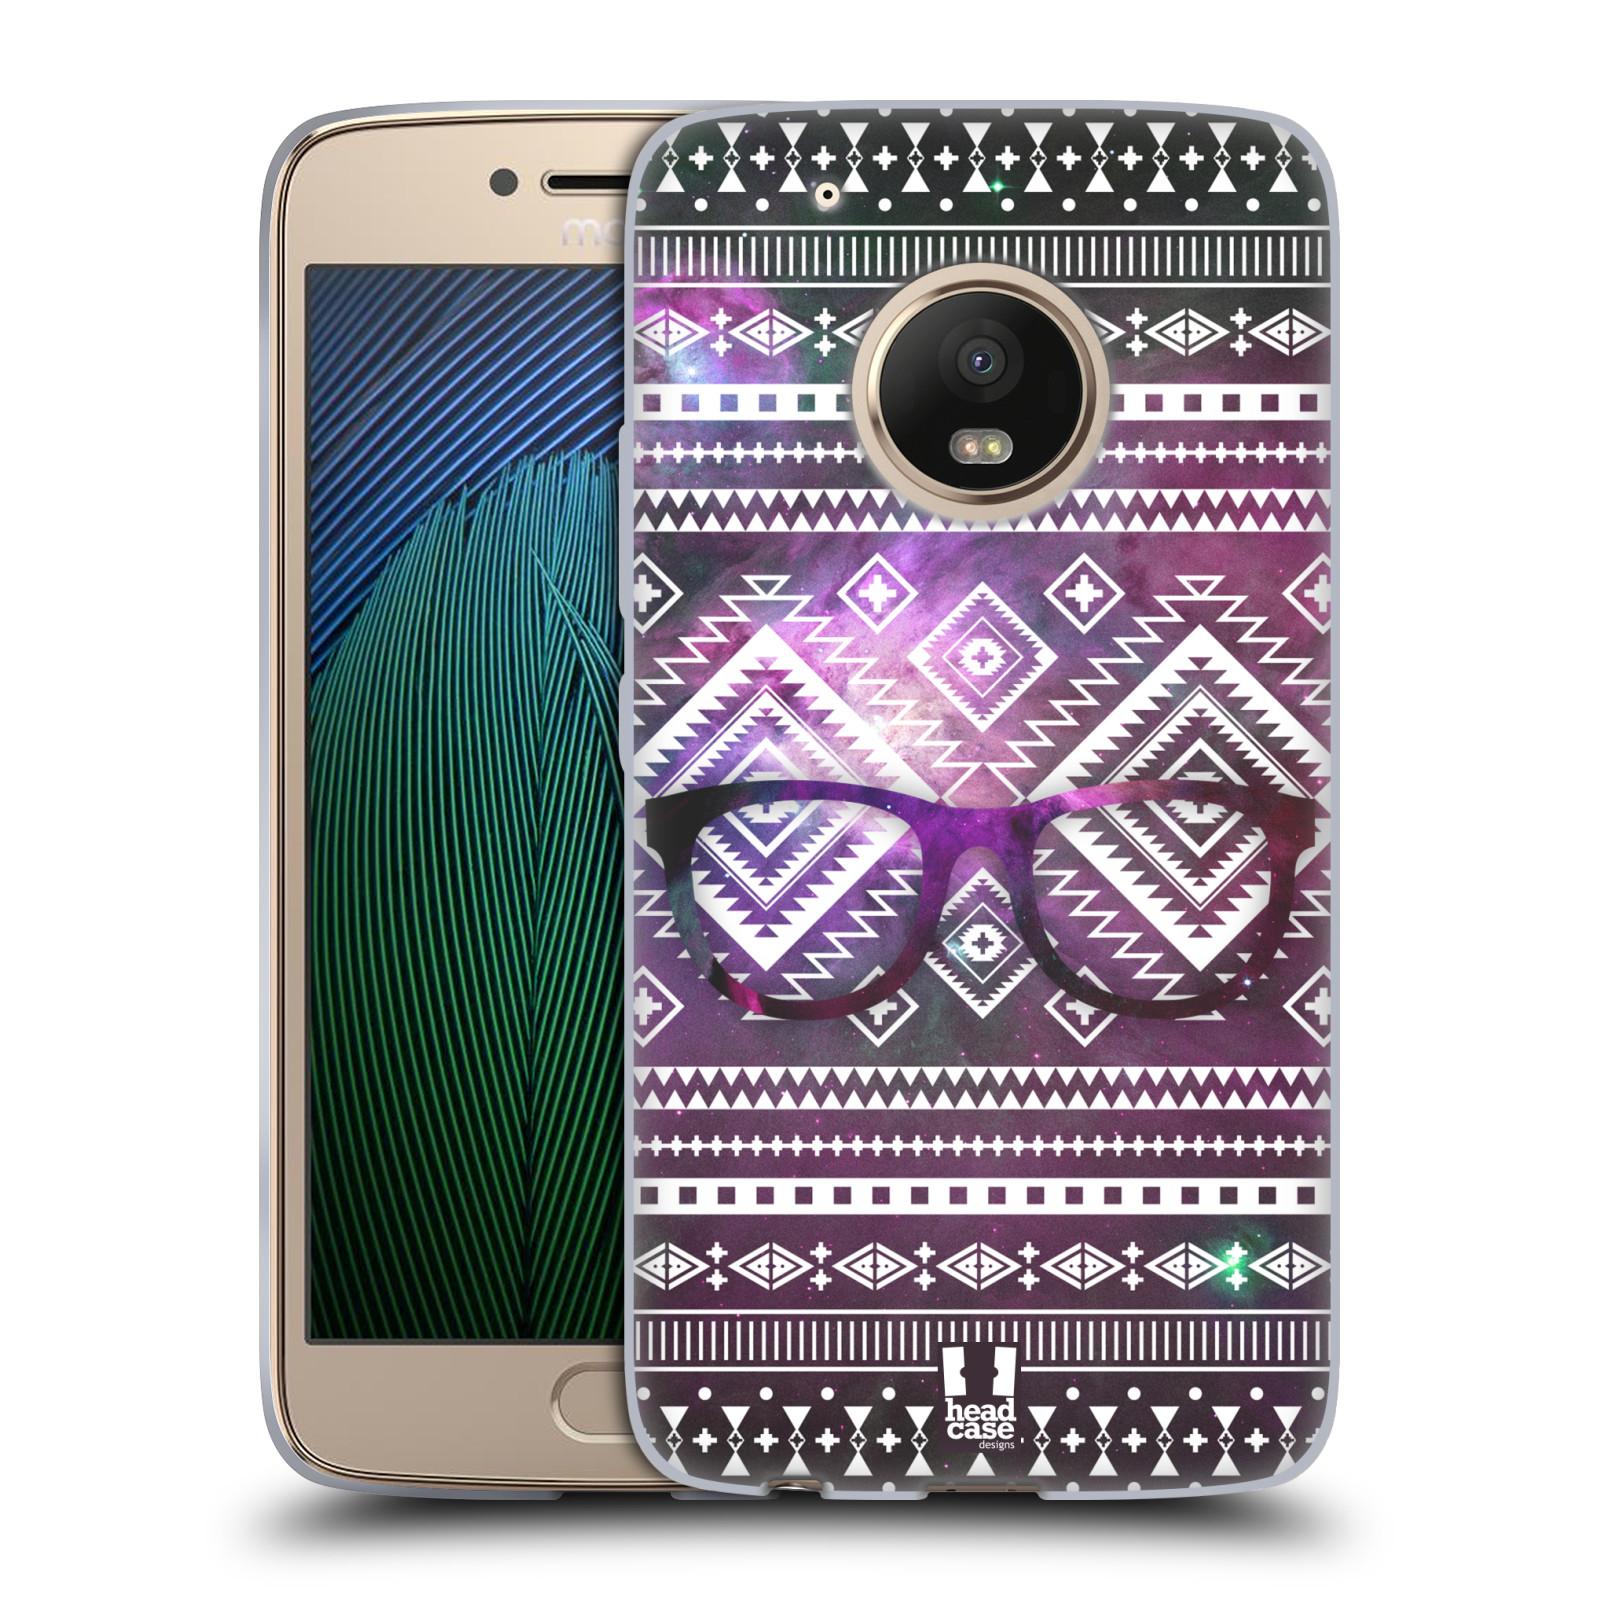 Silikonové pouzdro na mobil Lenovo Moto G5 Plus - Head Case NEBULA BRÝLE (Silikonový kryt či obal na mobilní telefon Lenovo Moto G5 Plus)